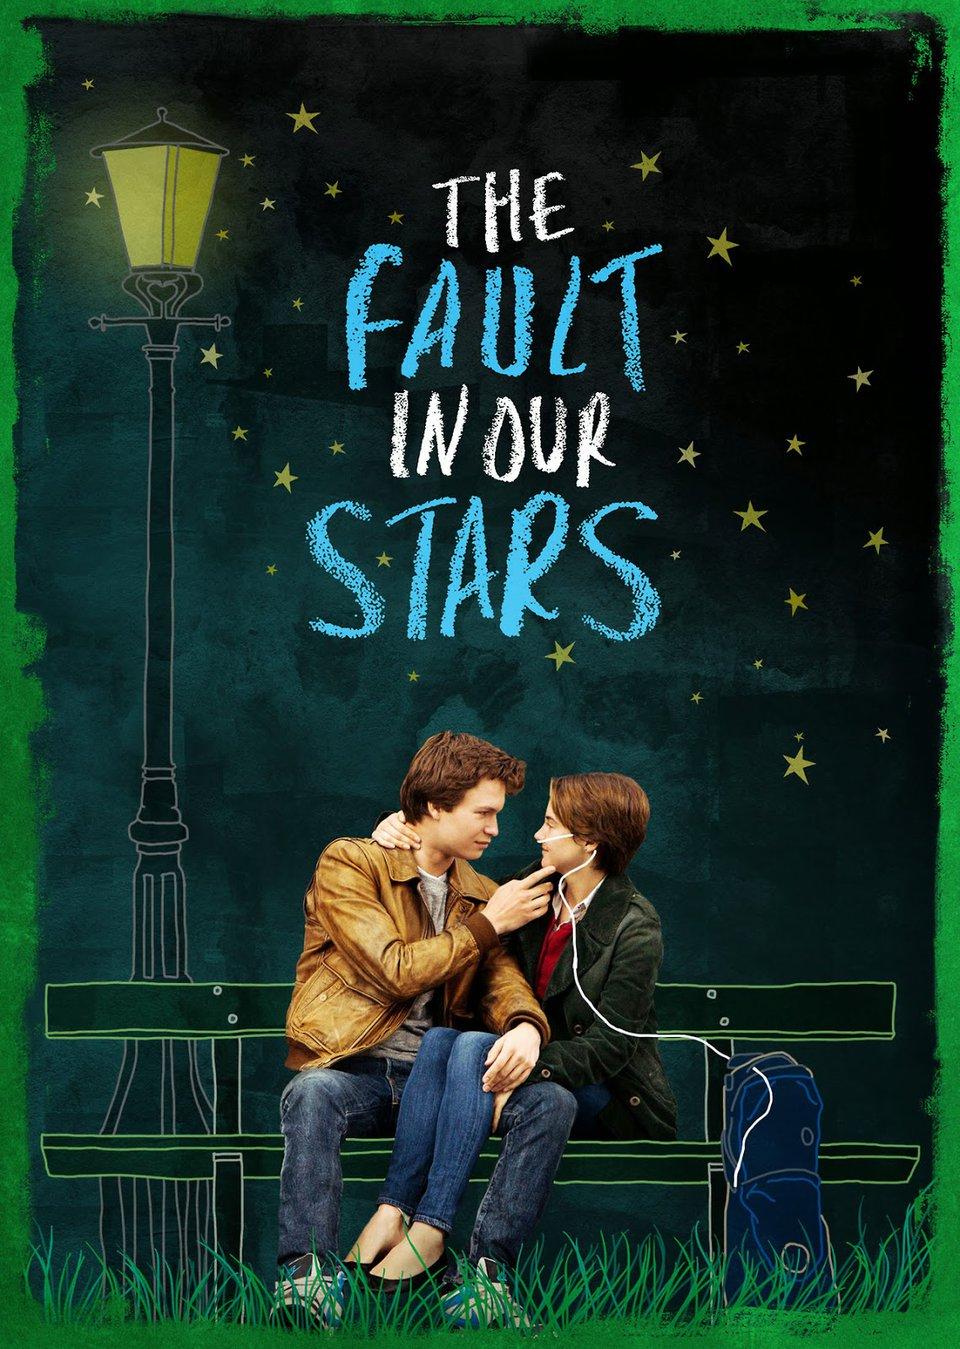 Кадры из фильма фильм о чём молчат звёзды смотреть онлайн